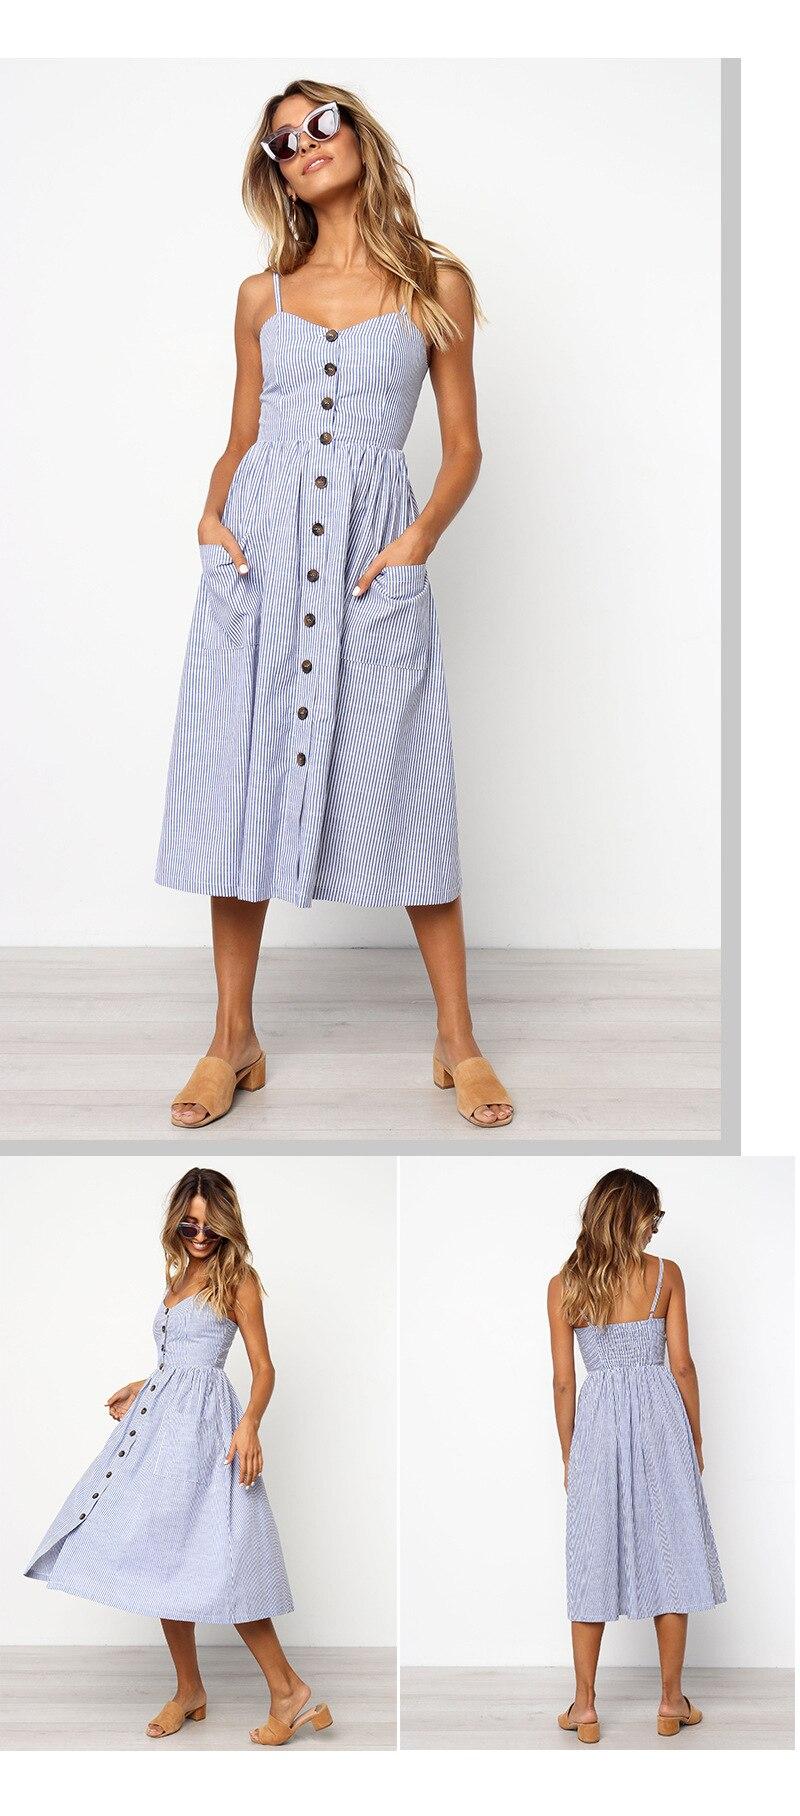 Button Striped Print Cotton Linen Casual Summer Dress 19 Sexy Spaghetti Strap V-neck Off Shoulder Women Midi Dress Vestidos 6